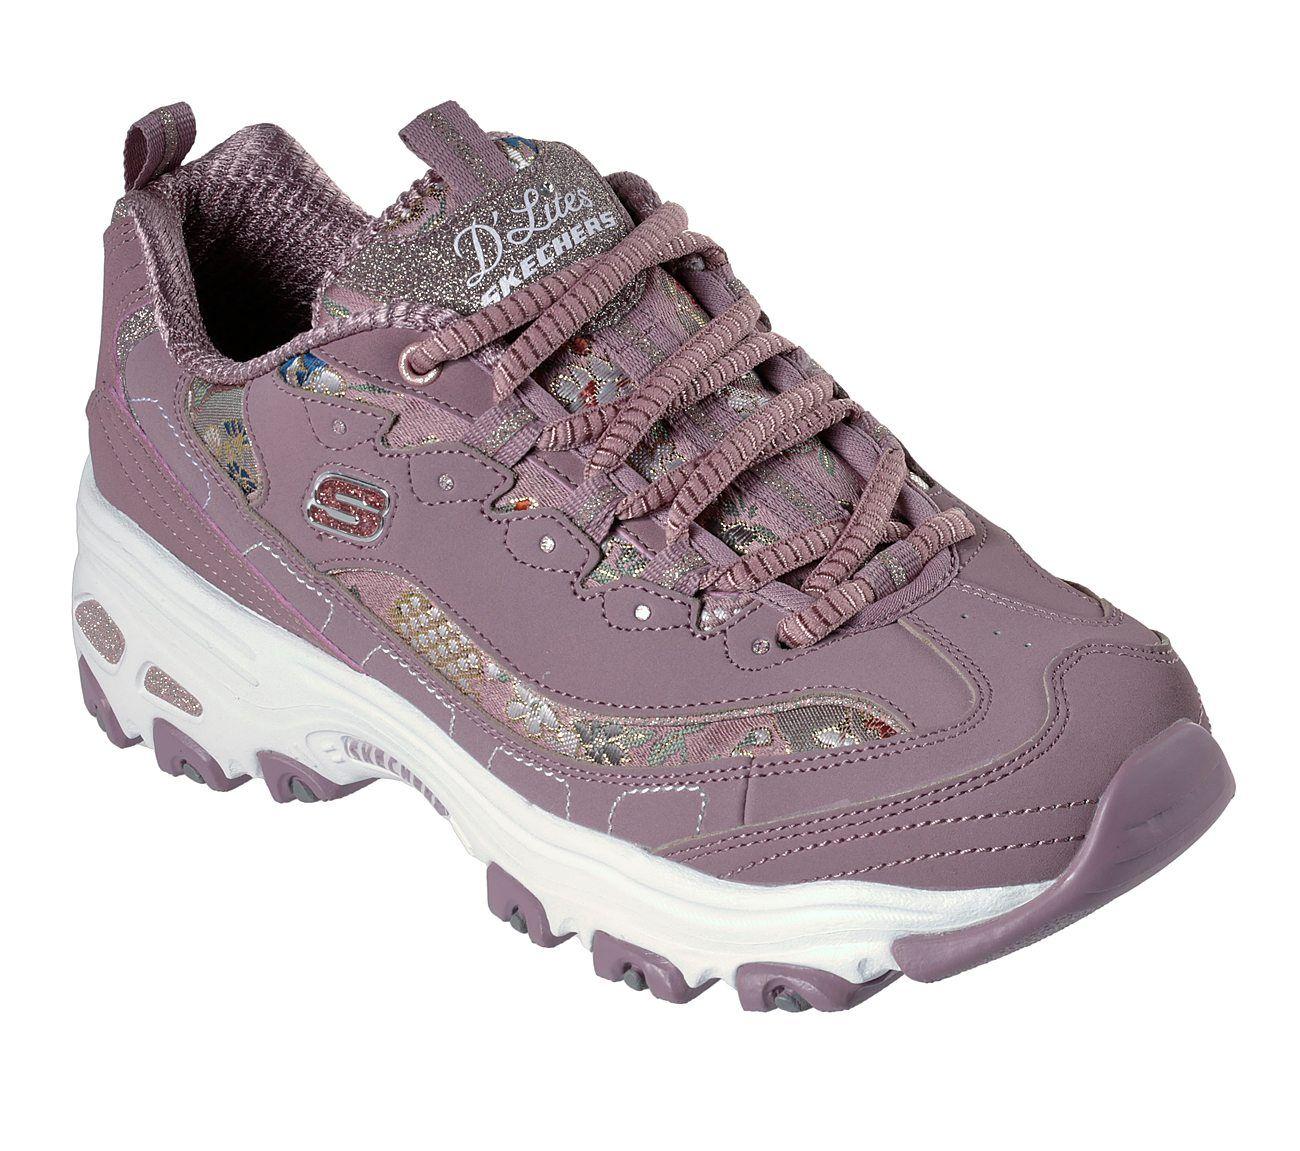 Cumbre Hostal de acuerdo a  Buy SKECHERS D'Lites - Floral Days Skechers D'Lites Shoes only £65.00    Womens sneakers, Sneakers fashion, Leather shoes woman